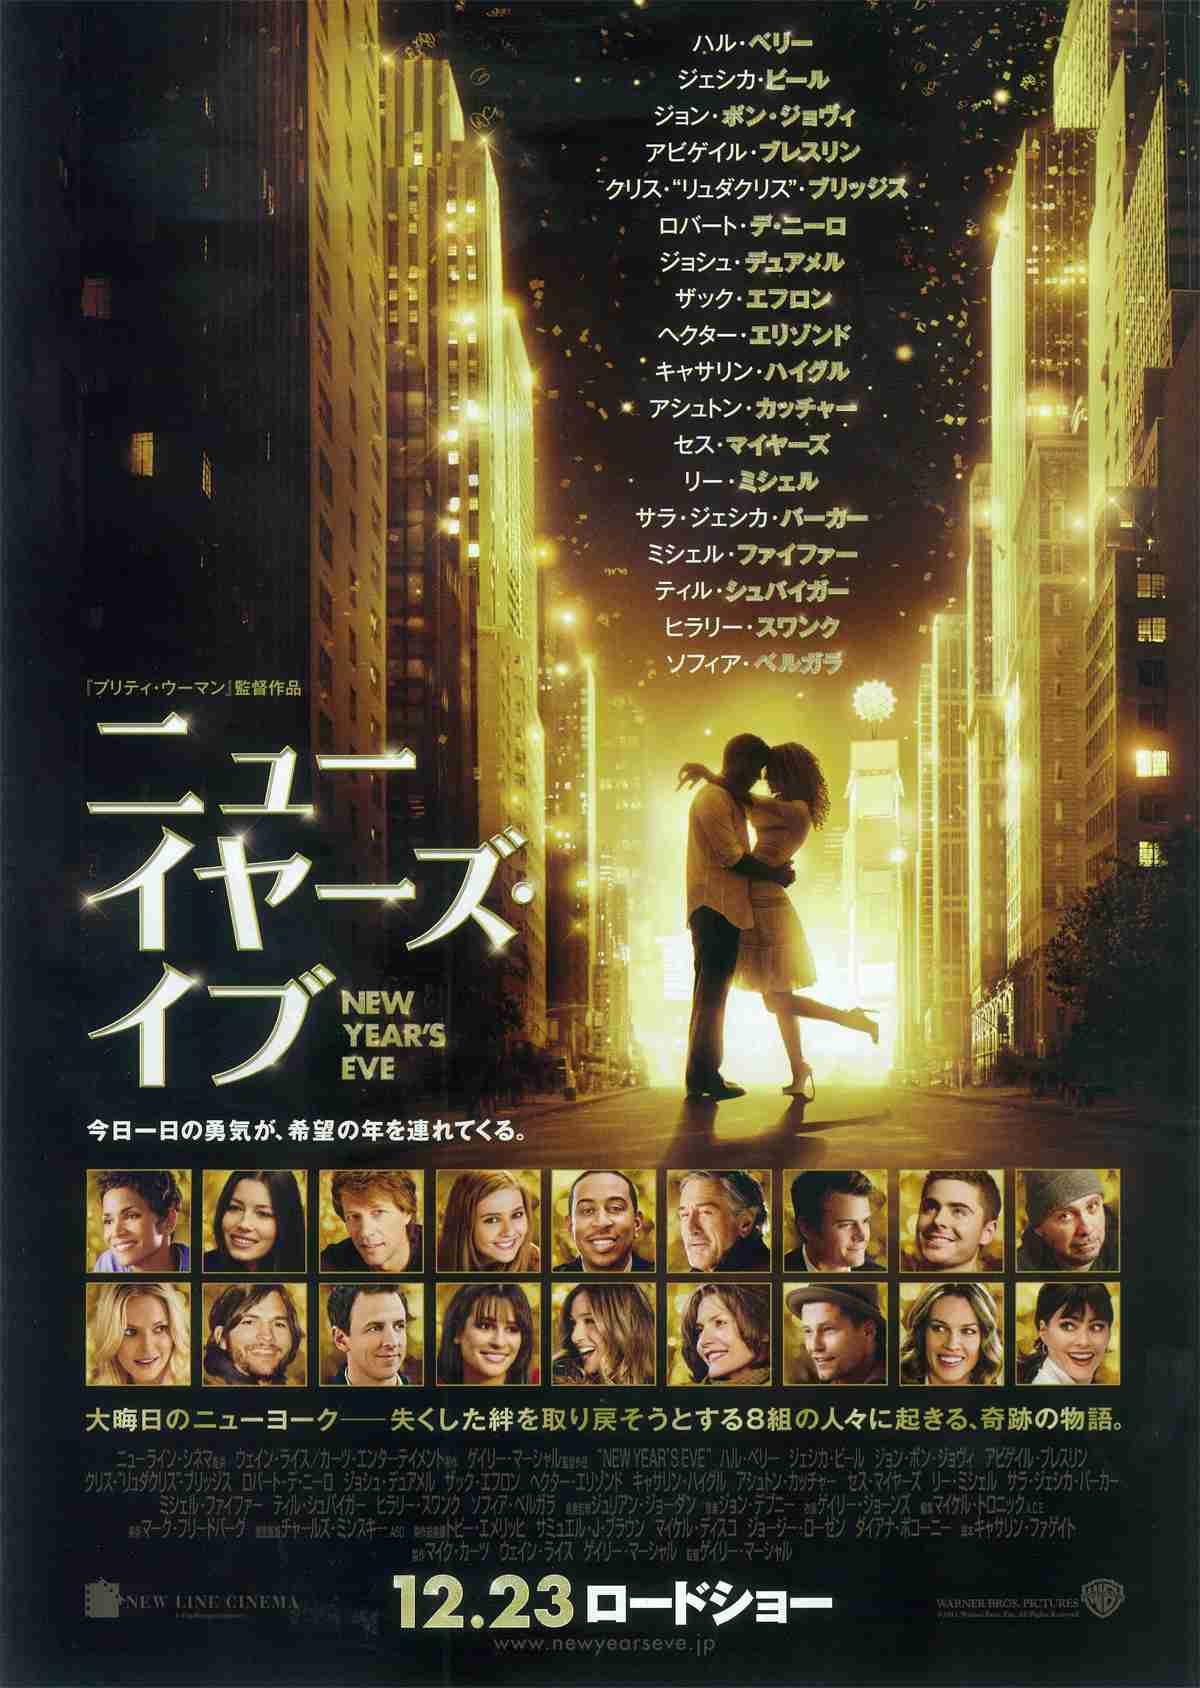 ニューイヤーズ・イブ - 作品 - Yahoo!映画